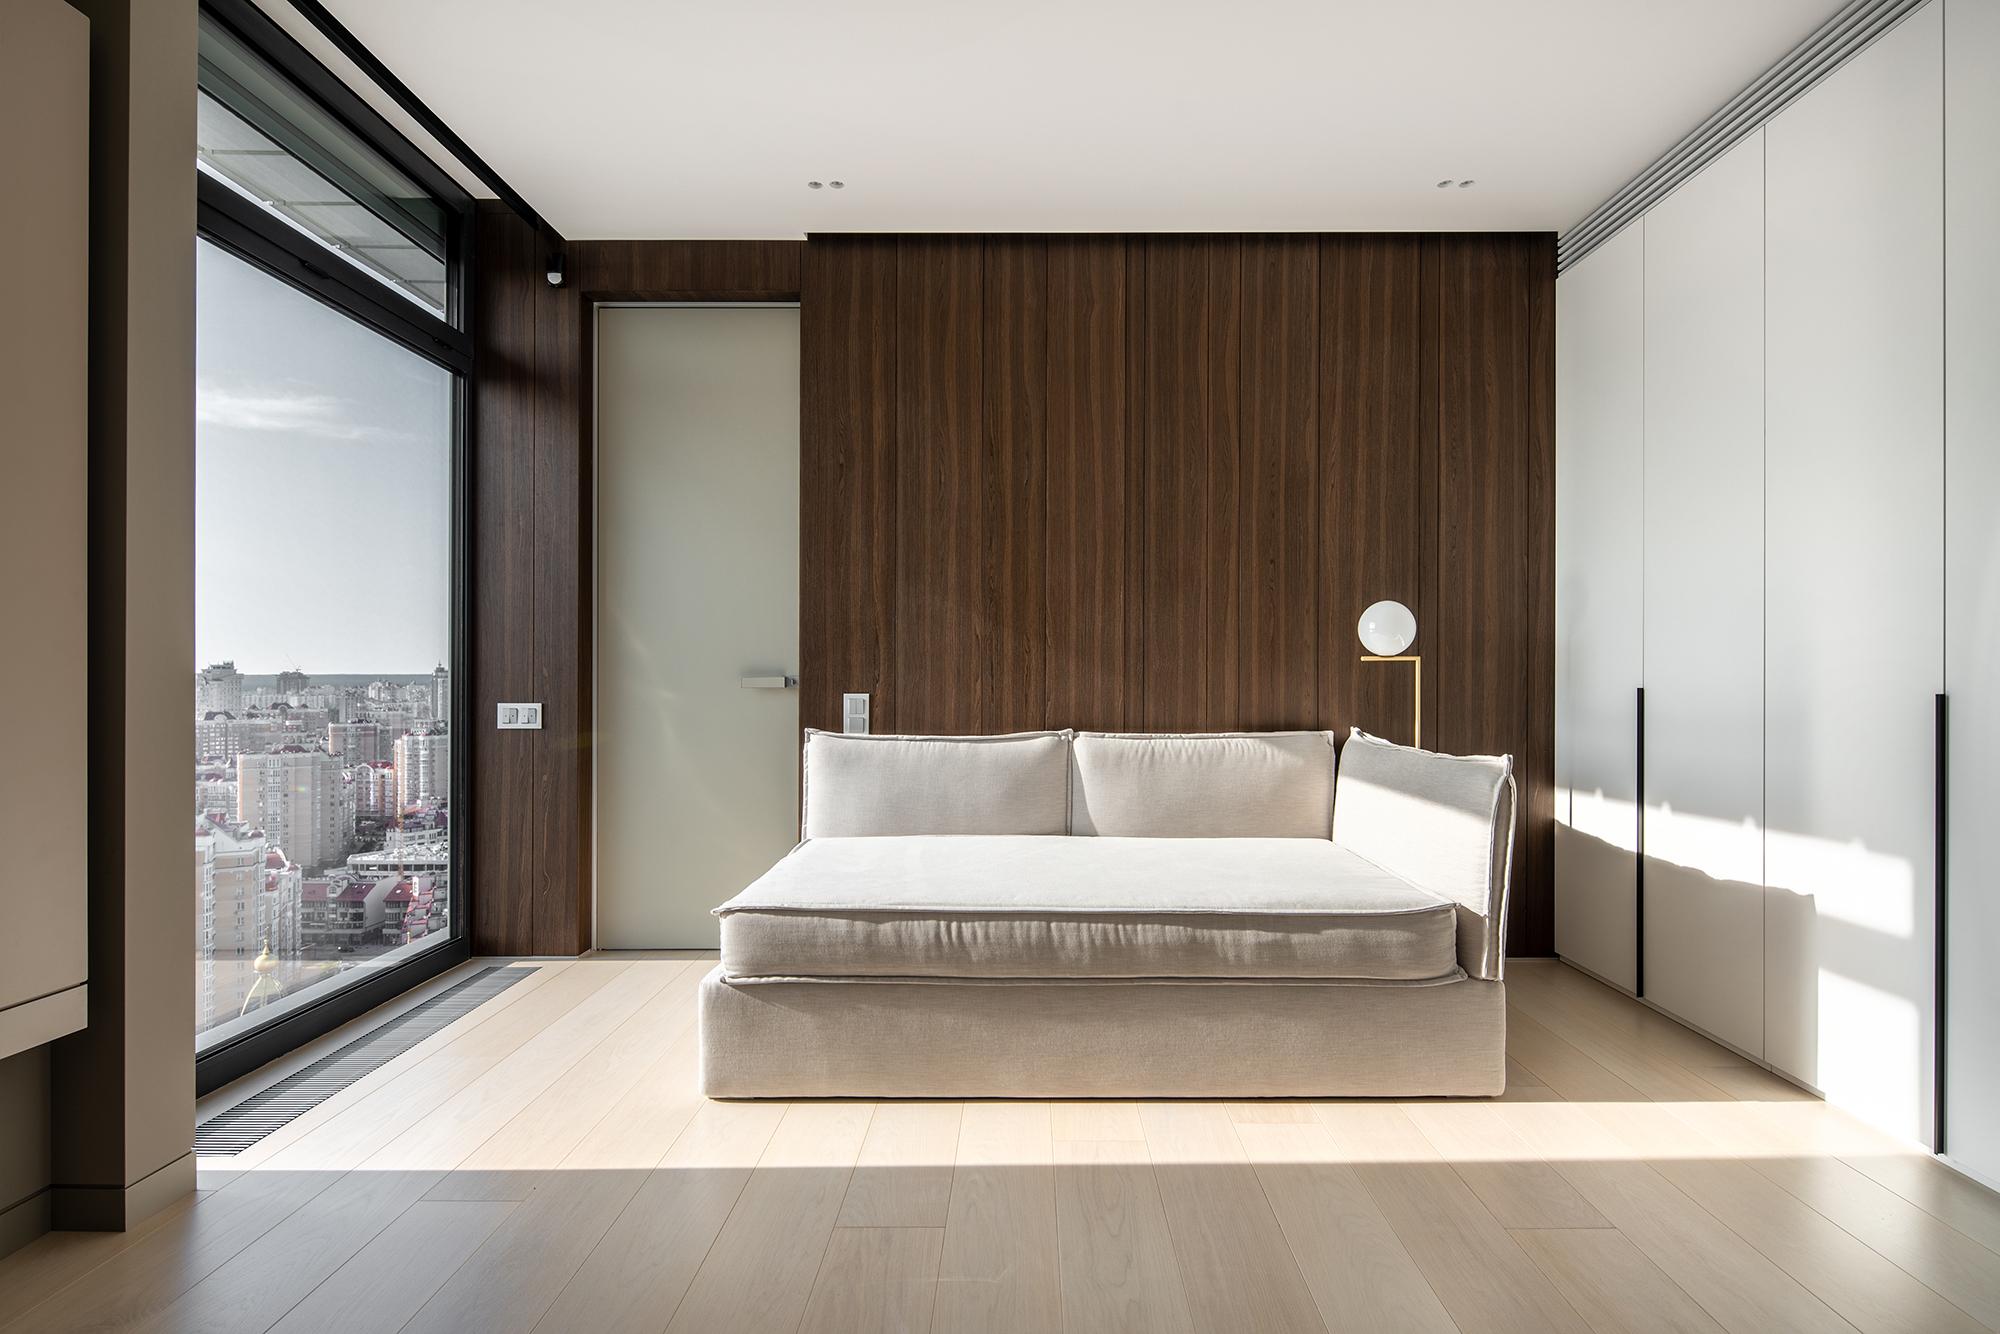 Penthouse 180 DSC06070-HDR